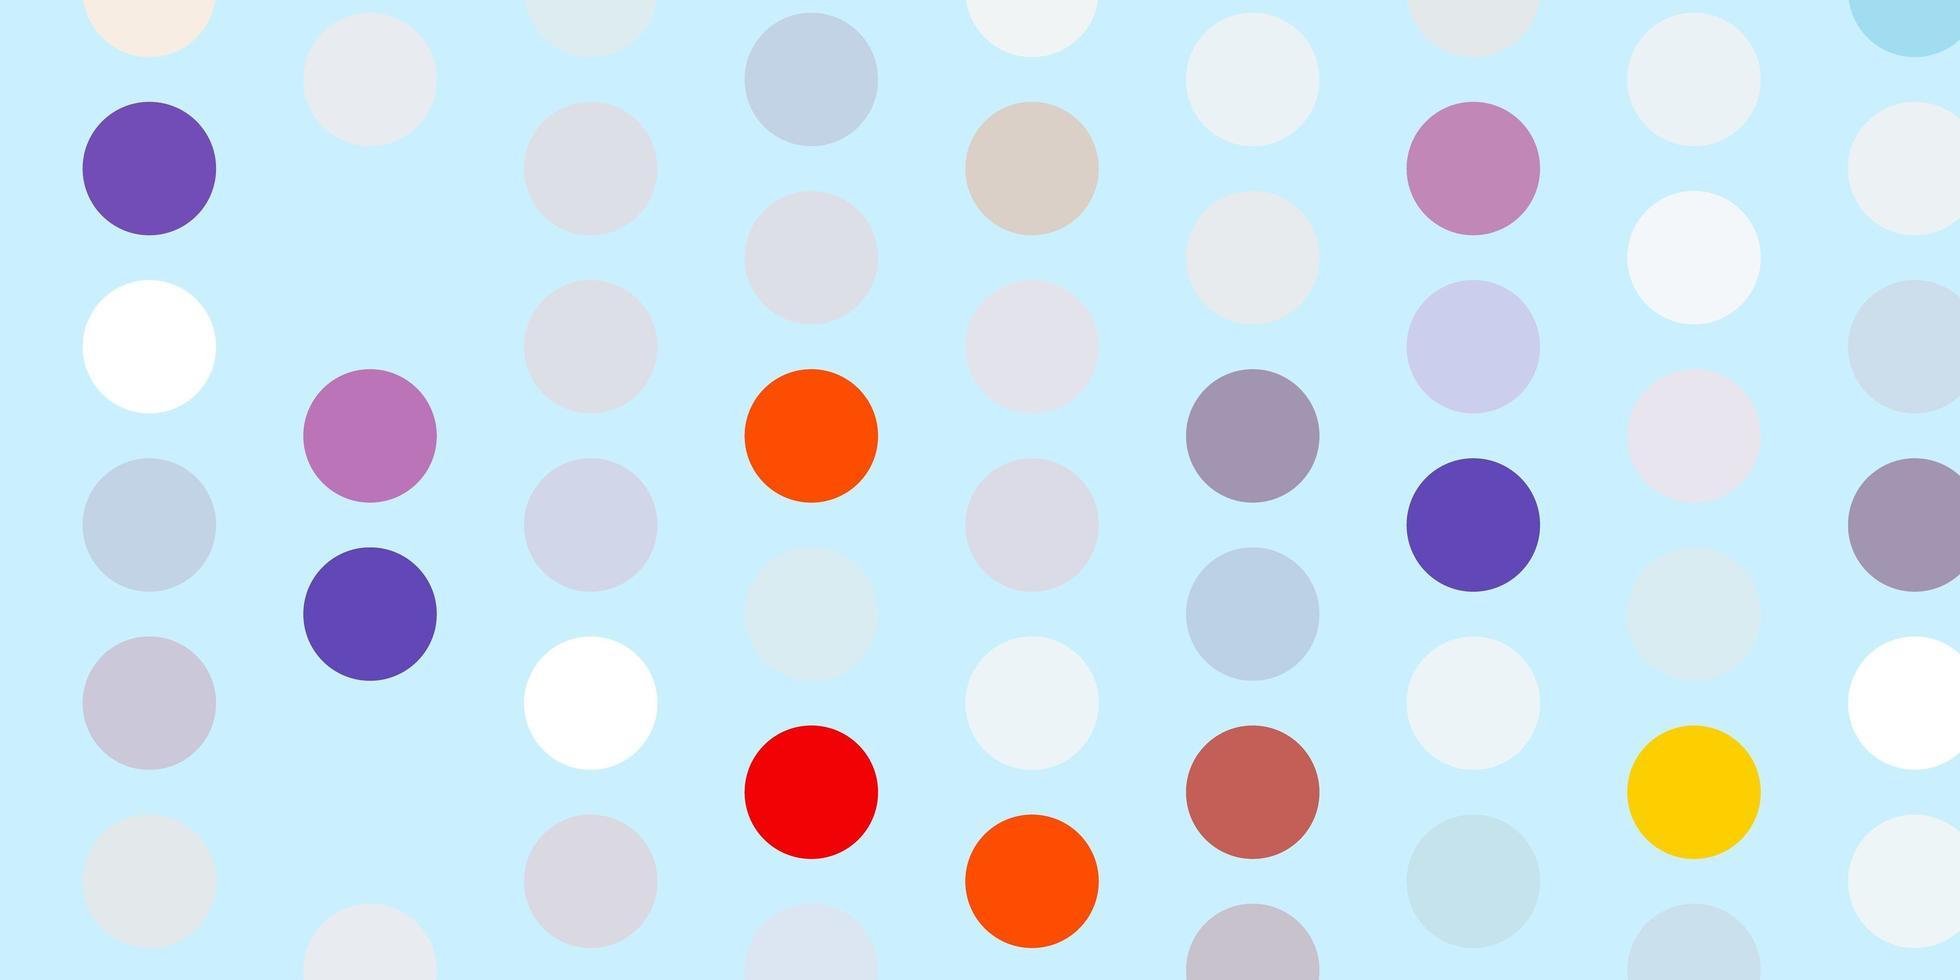 ljusblå, röd vektormall med cirklar. vektor